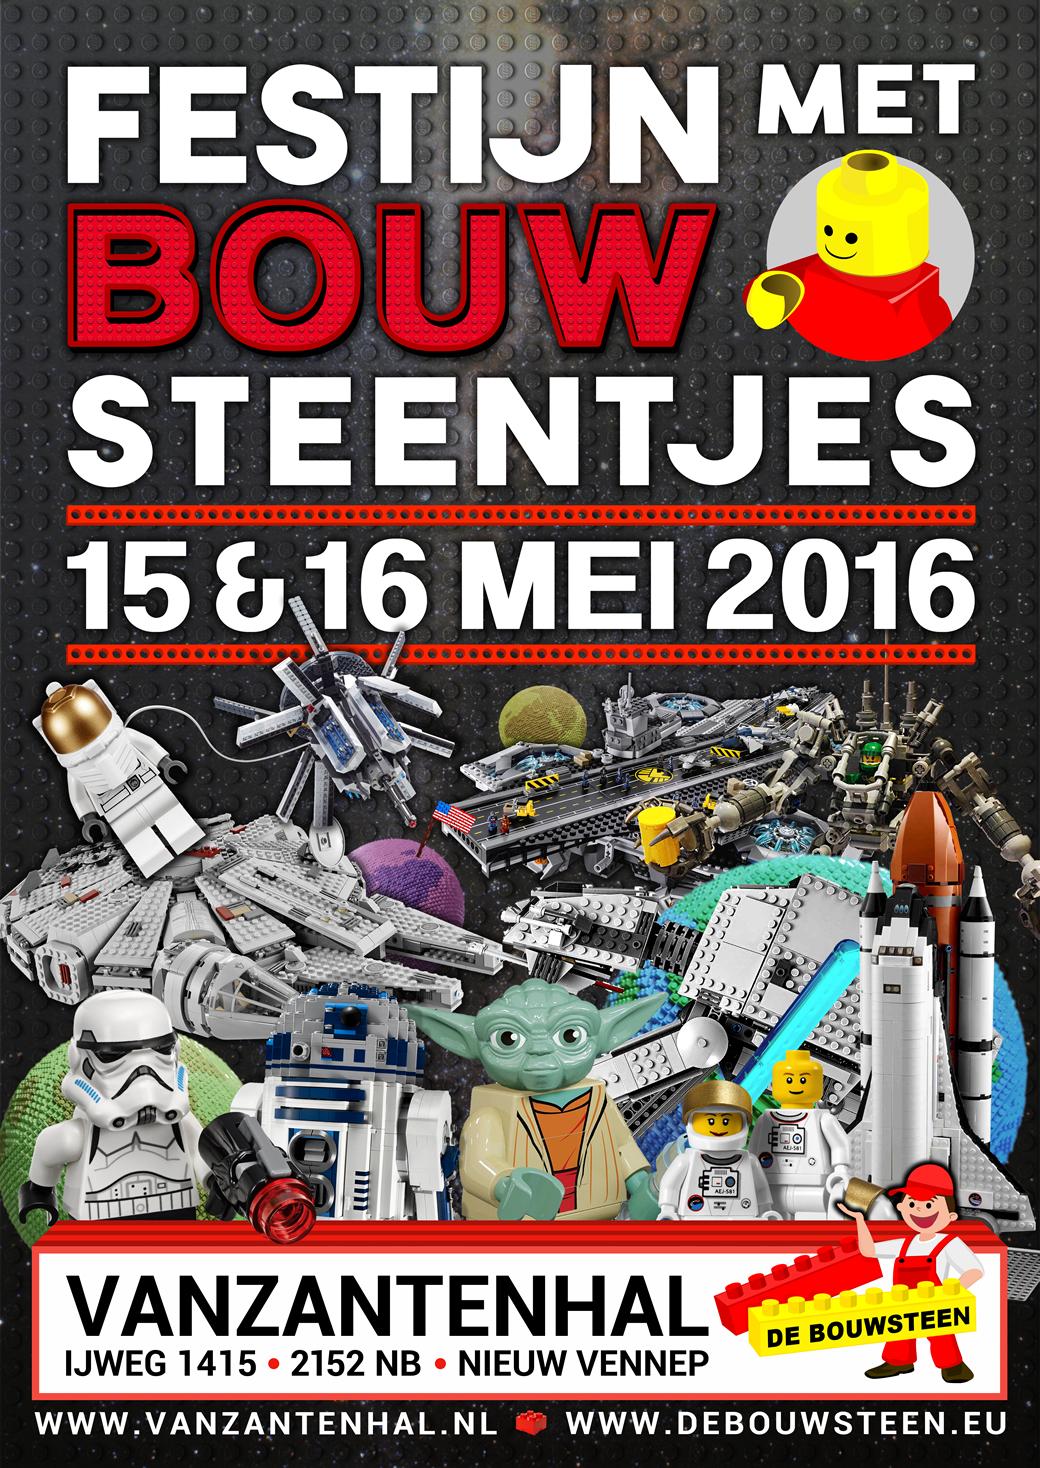 NieuwVennep poster legofestijn 2016 space